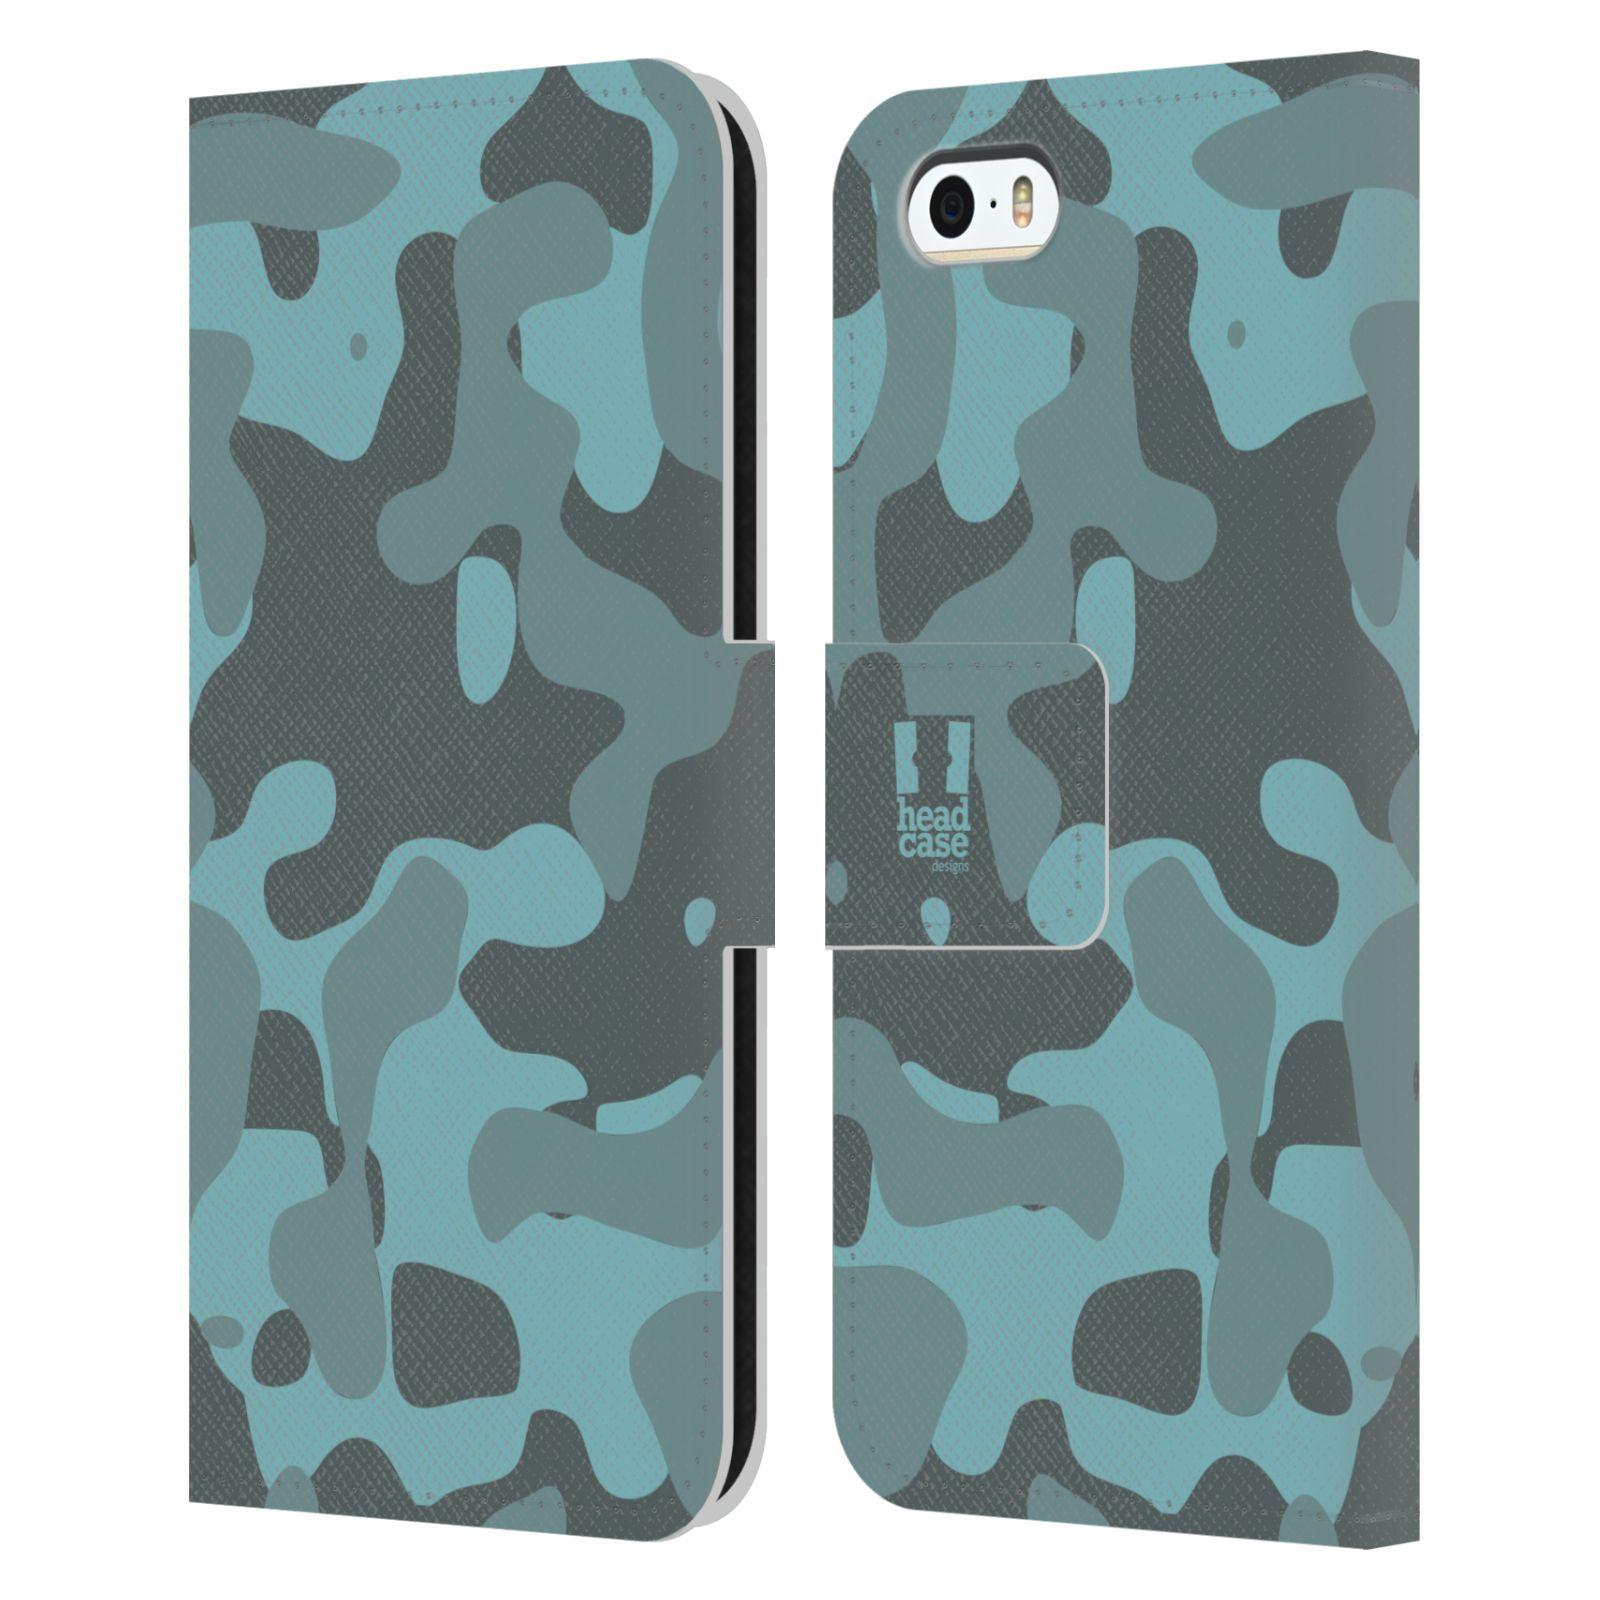 HEAD CASE Flipové pouzdro pro mobil Apple Iphone 5/5s lehká barevná kamufláž modrá